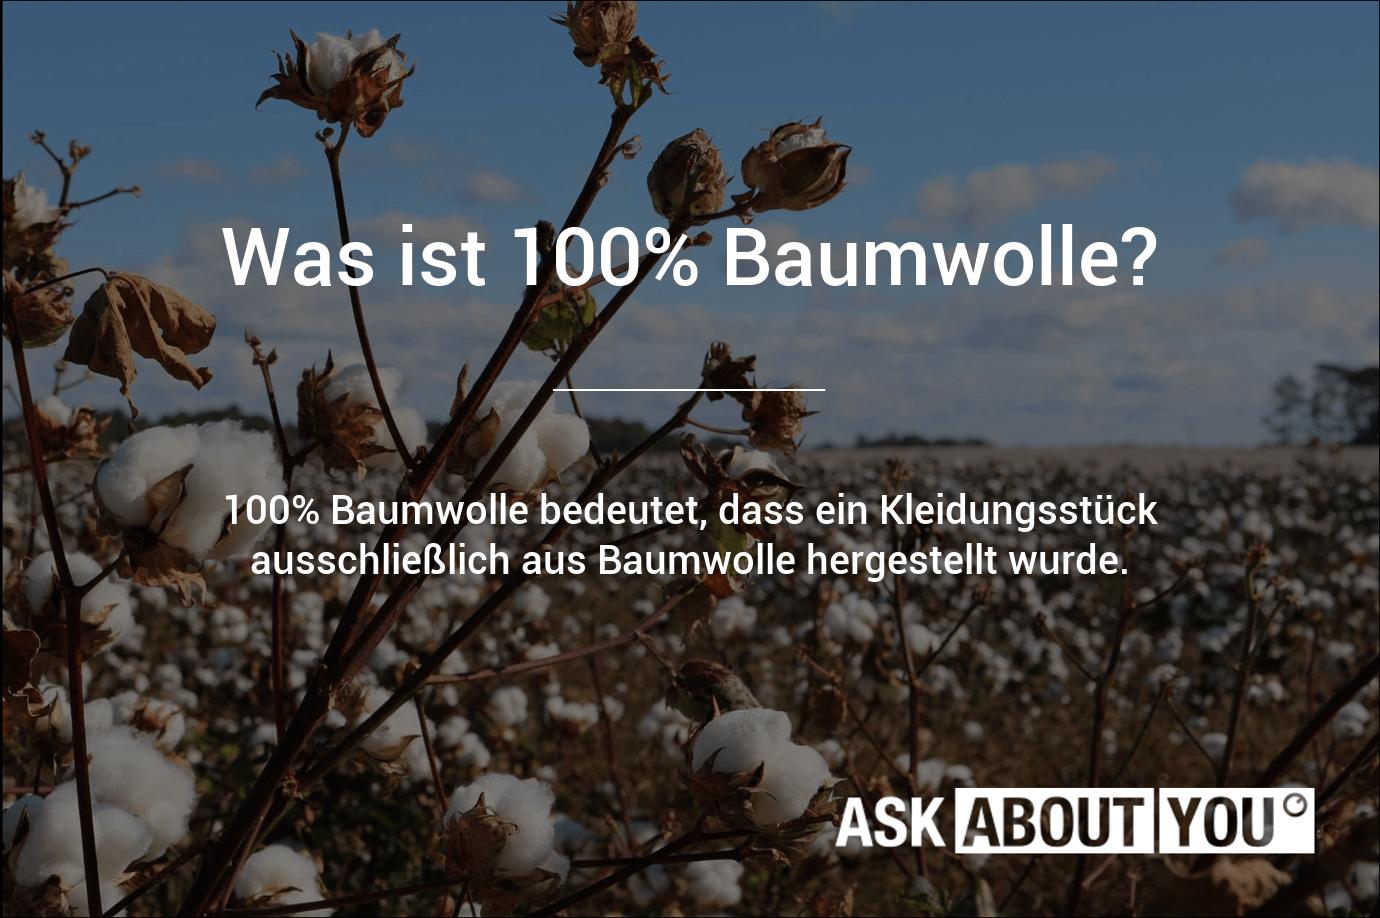 was ist 100% baumwolle